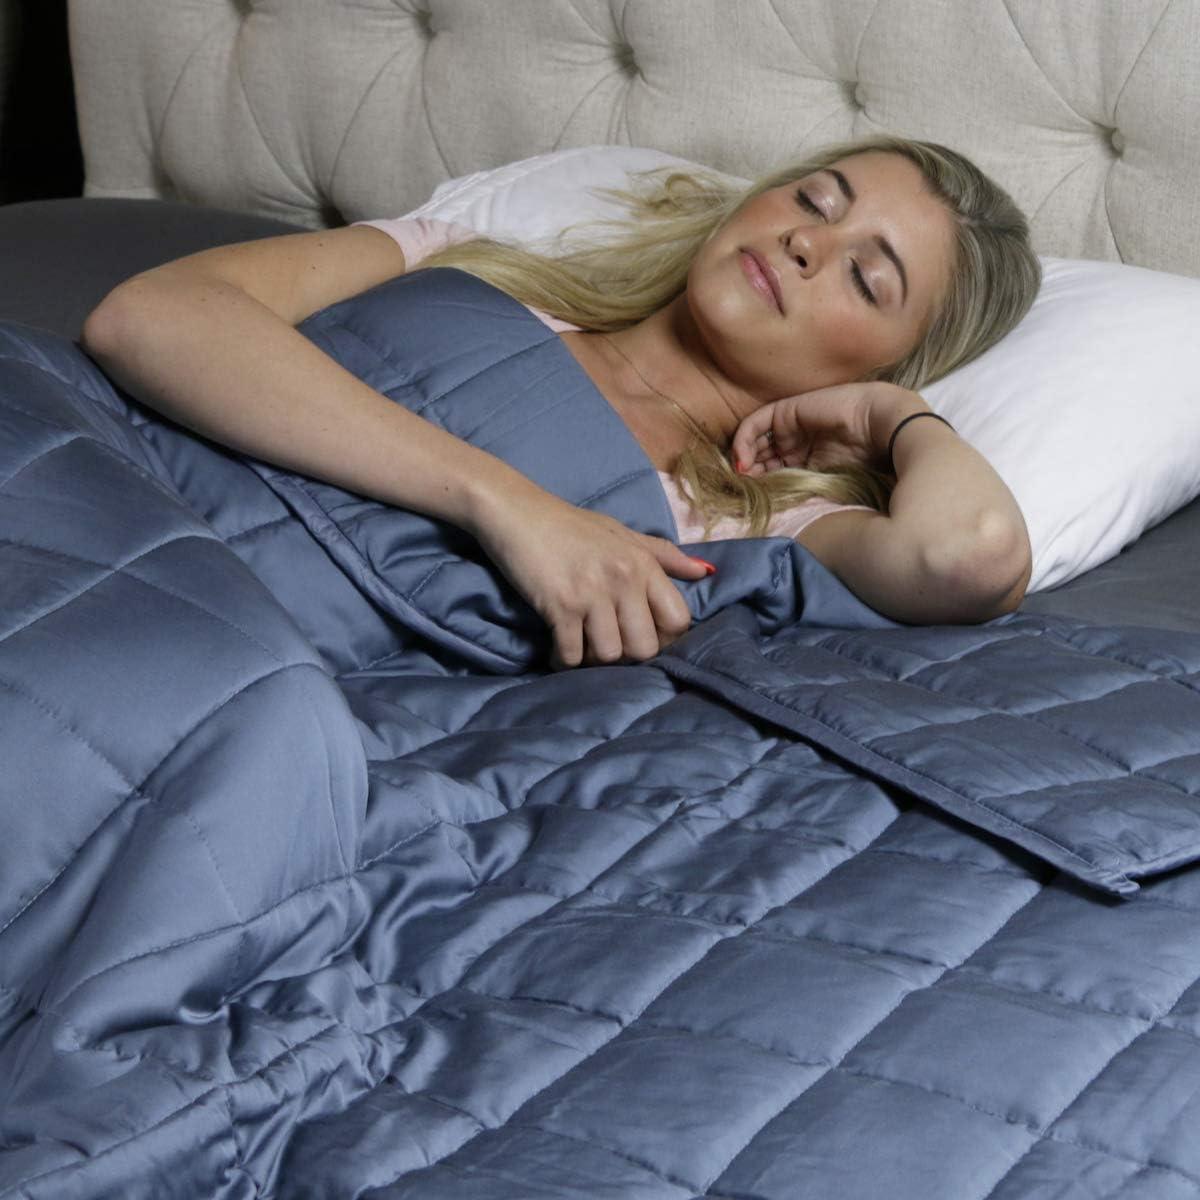 Huggaroo Cooling Weighted Blanket - 15 lb, Grey